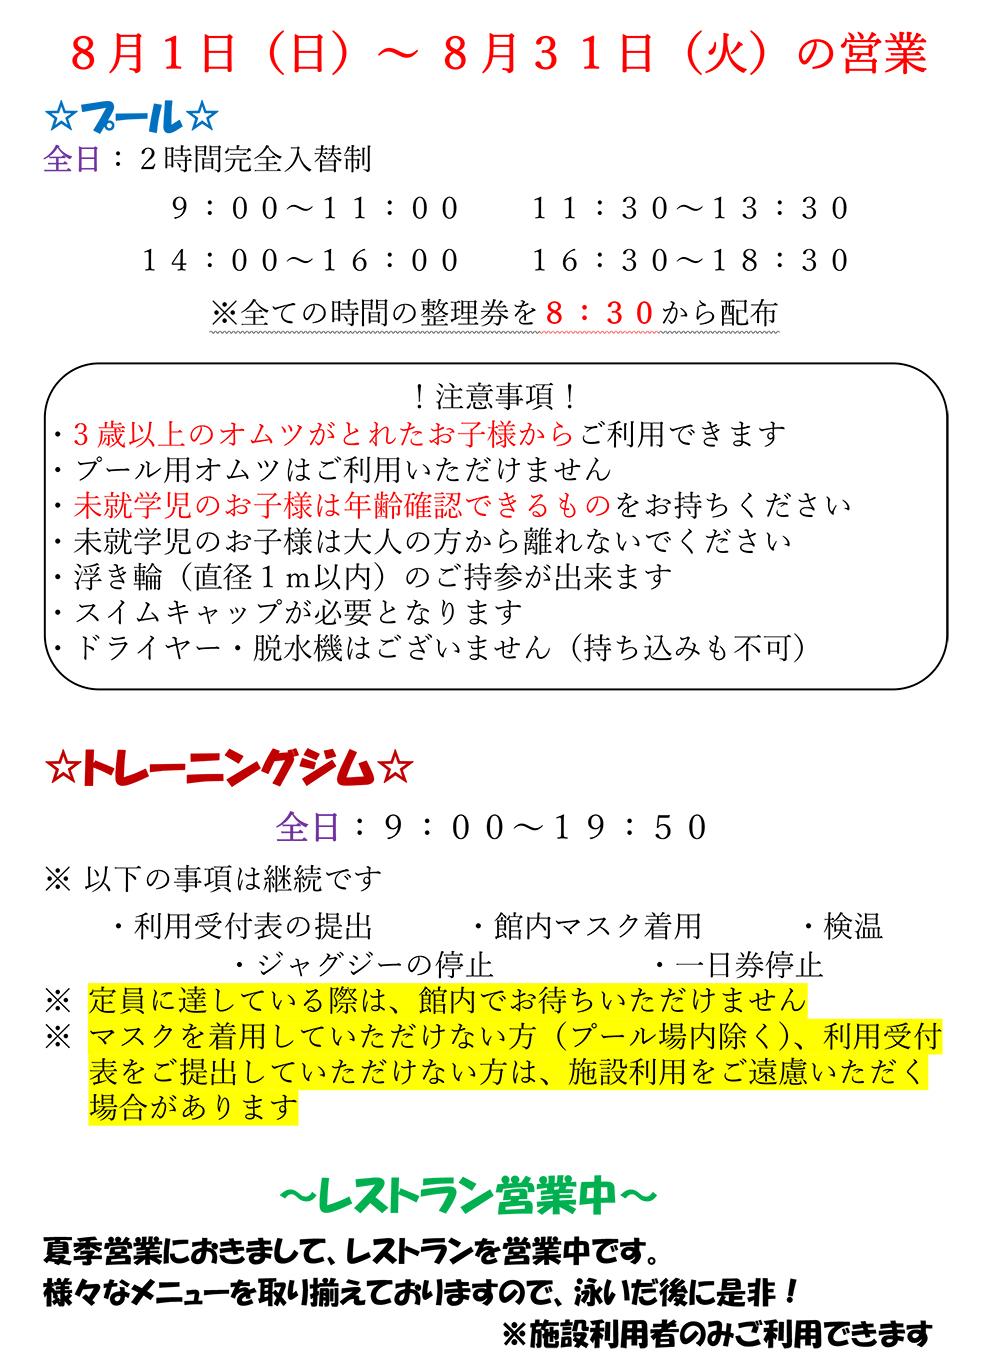 7月20日(火)より夏季営業8月31日まで入替制